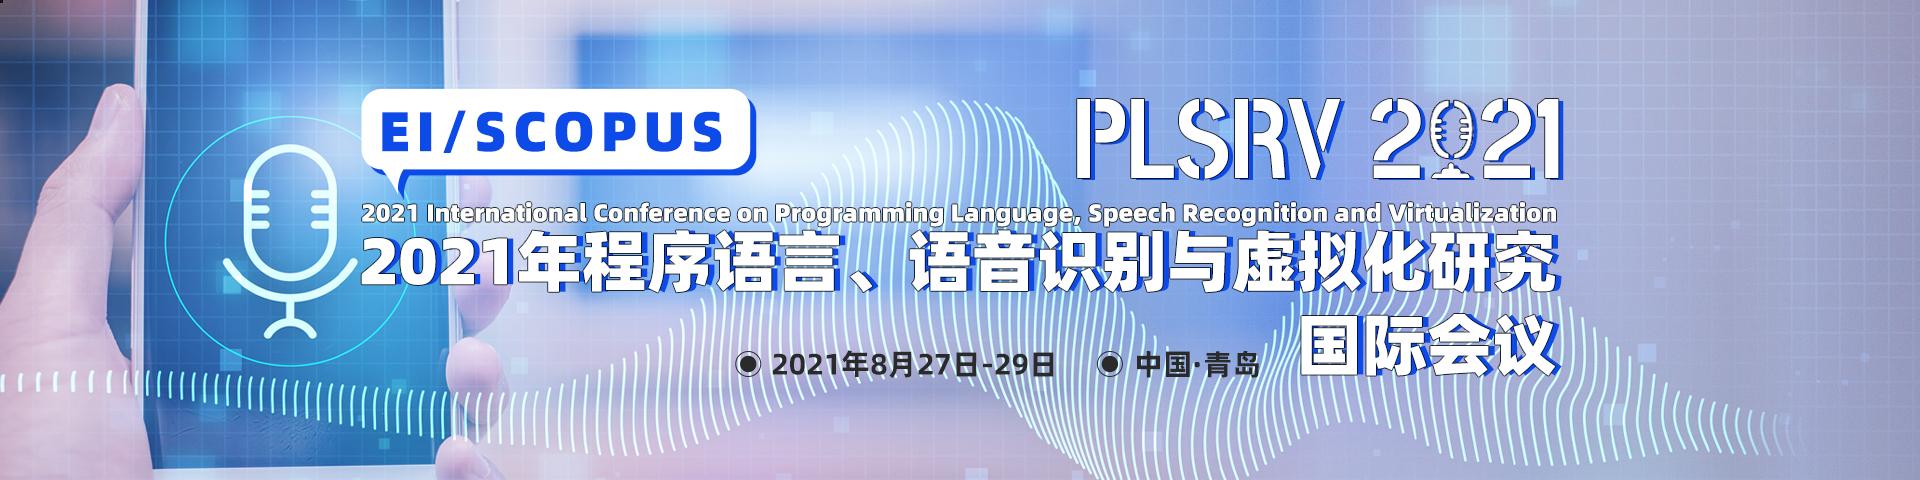 8月青岛-PLSRV 2021-艾思-何霞丽-20210428 .jpg